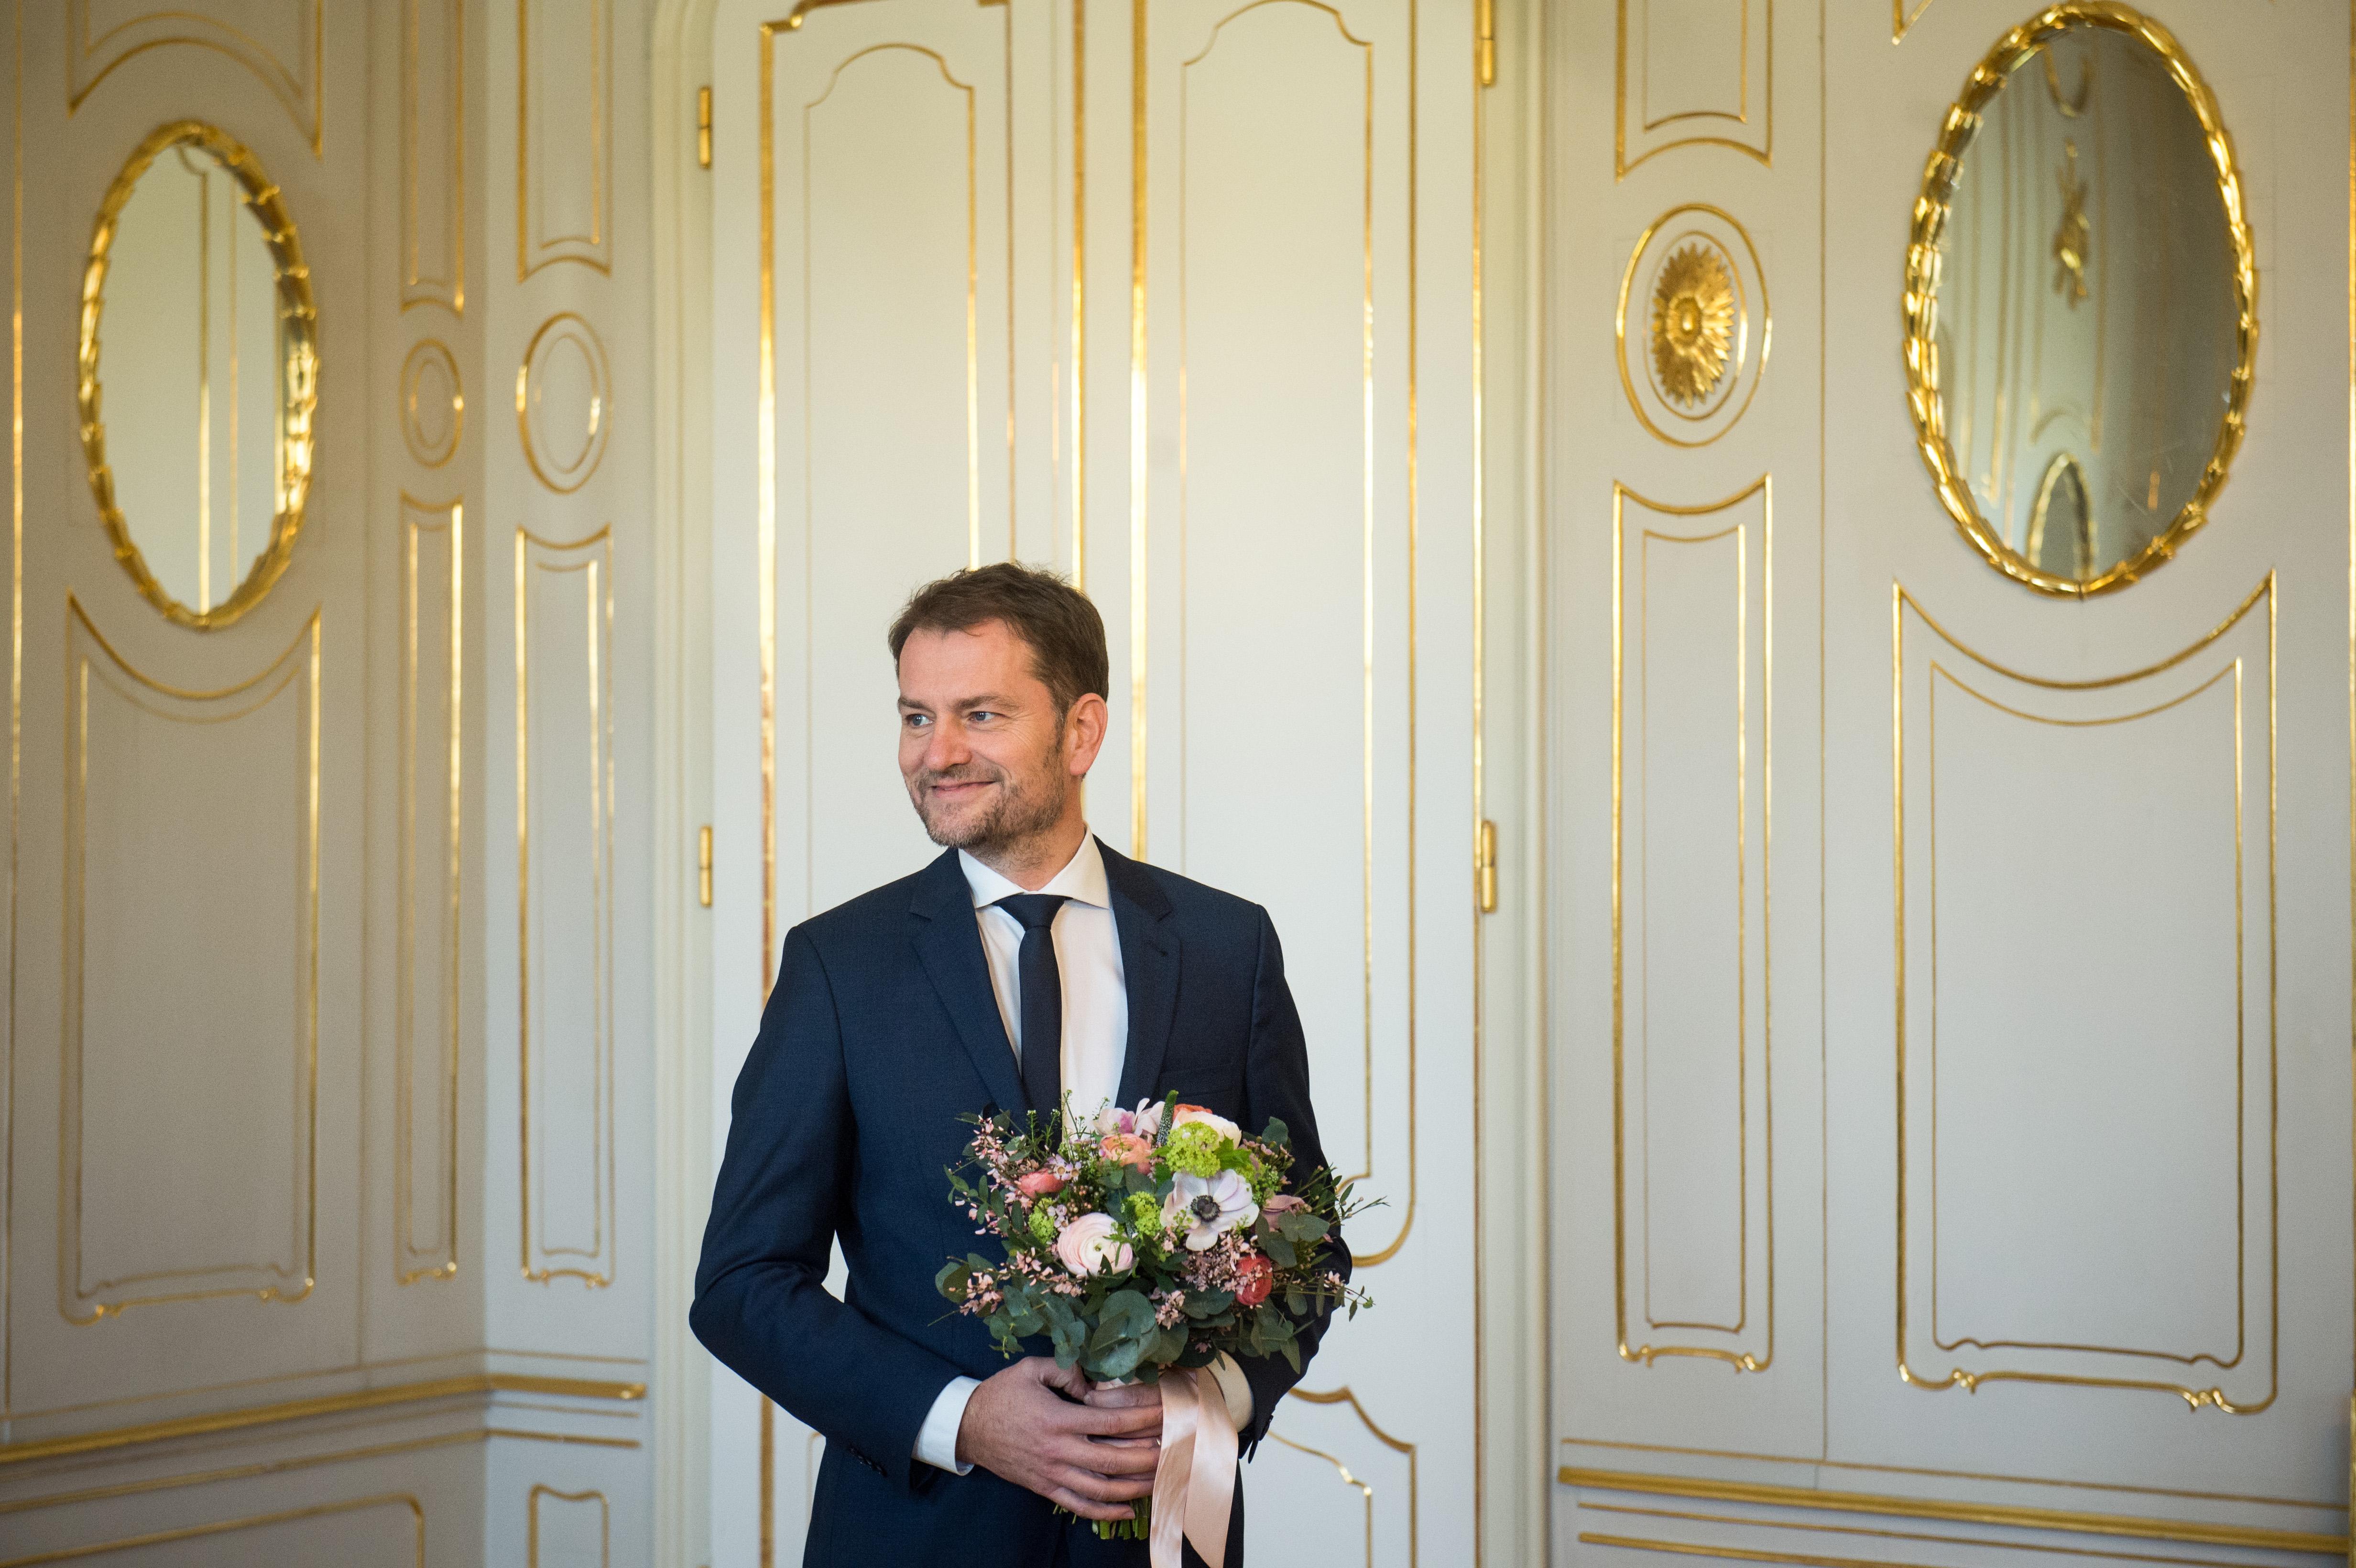 Bocsánatot kért a magyaroktól a szlovák miniszterelnök a nyelvi megkülönböztetés miatt